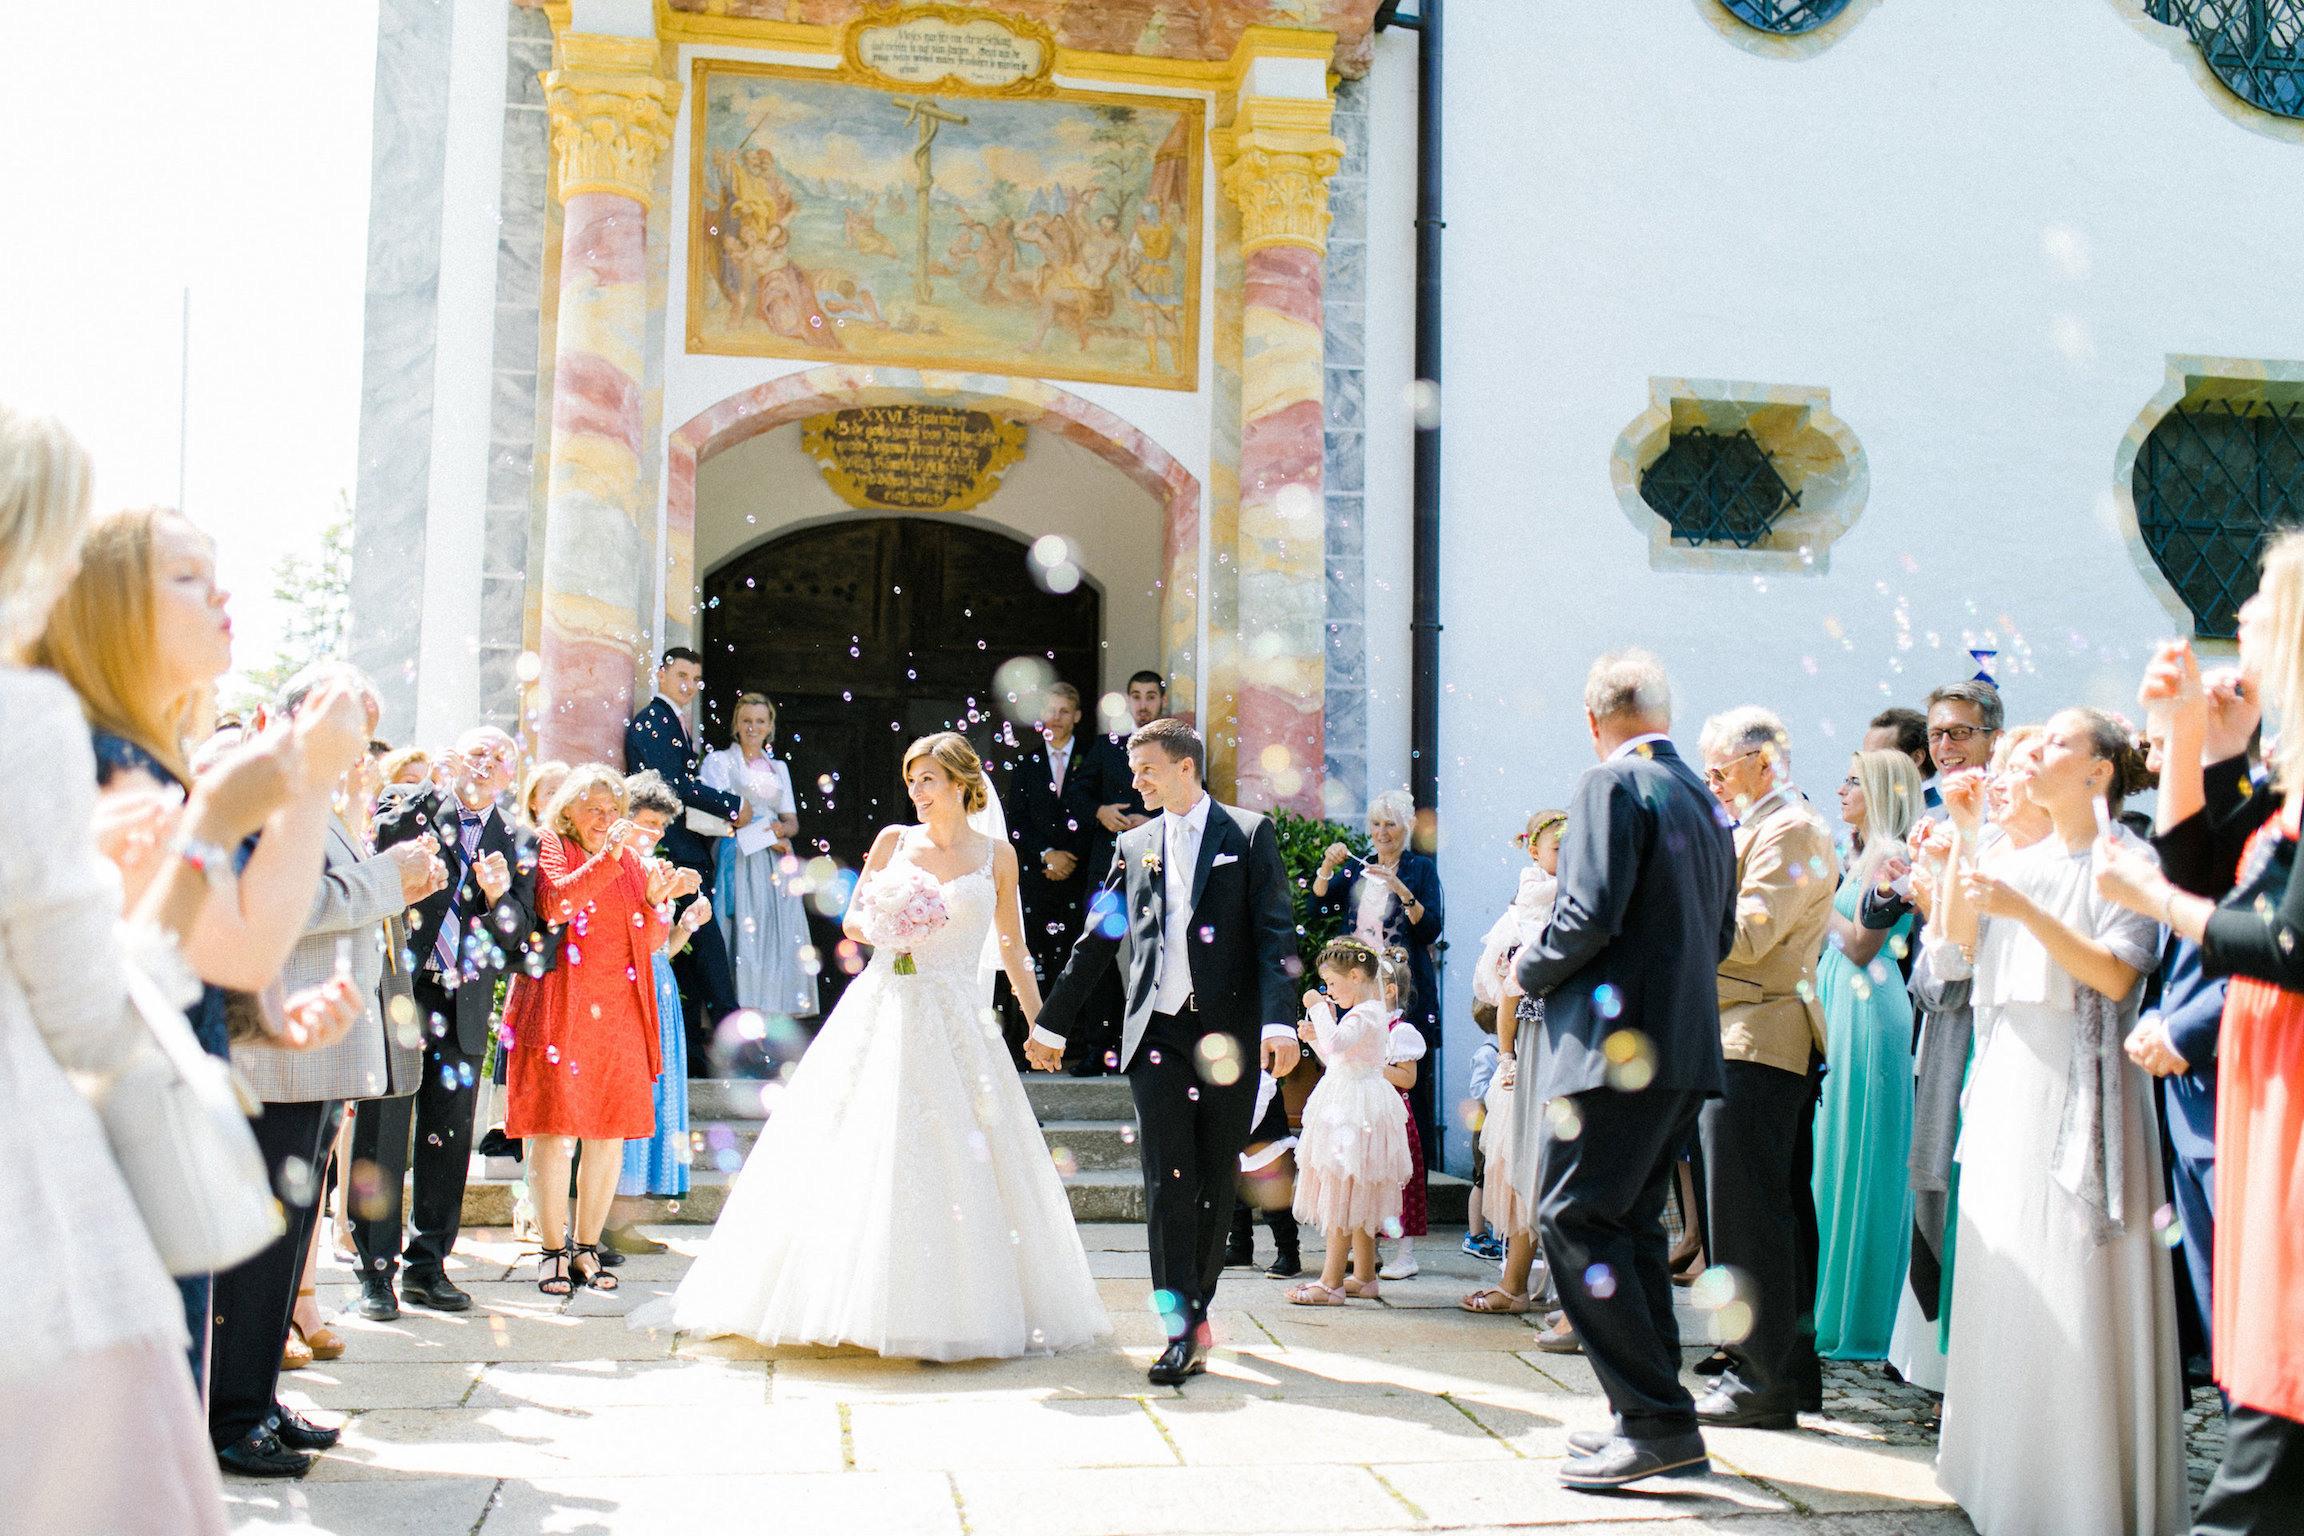 Unsere Hochzeit In Bad Tölz - Die Kirchliche Trauung